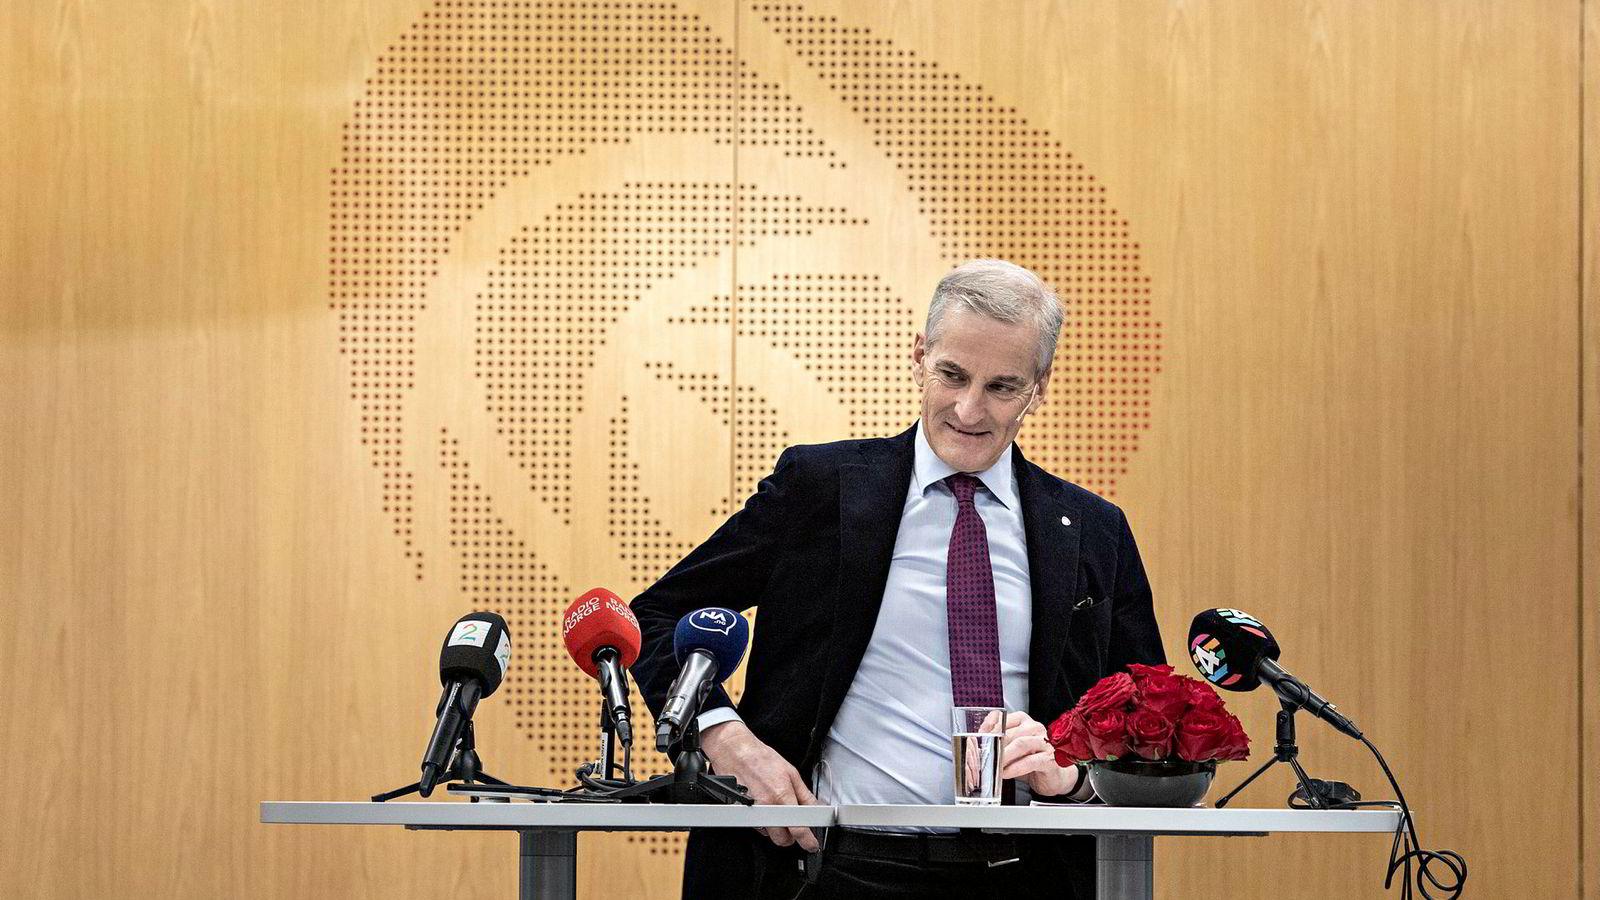 Arbeiderpartiets leder og parlamentariske leder Jonas Gahr Støre møter ikke på møtene i Stortingets utenriks- og forsvarskomité. Betyr det at han sluntrer unna?